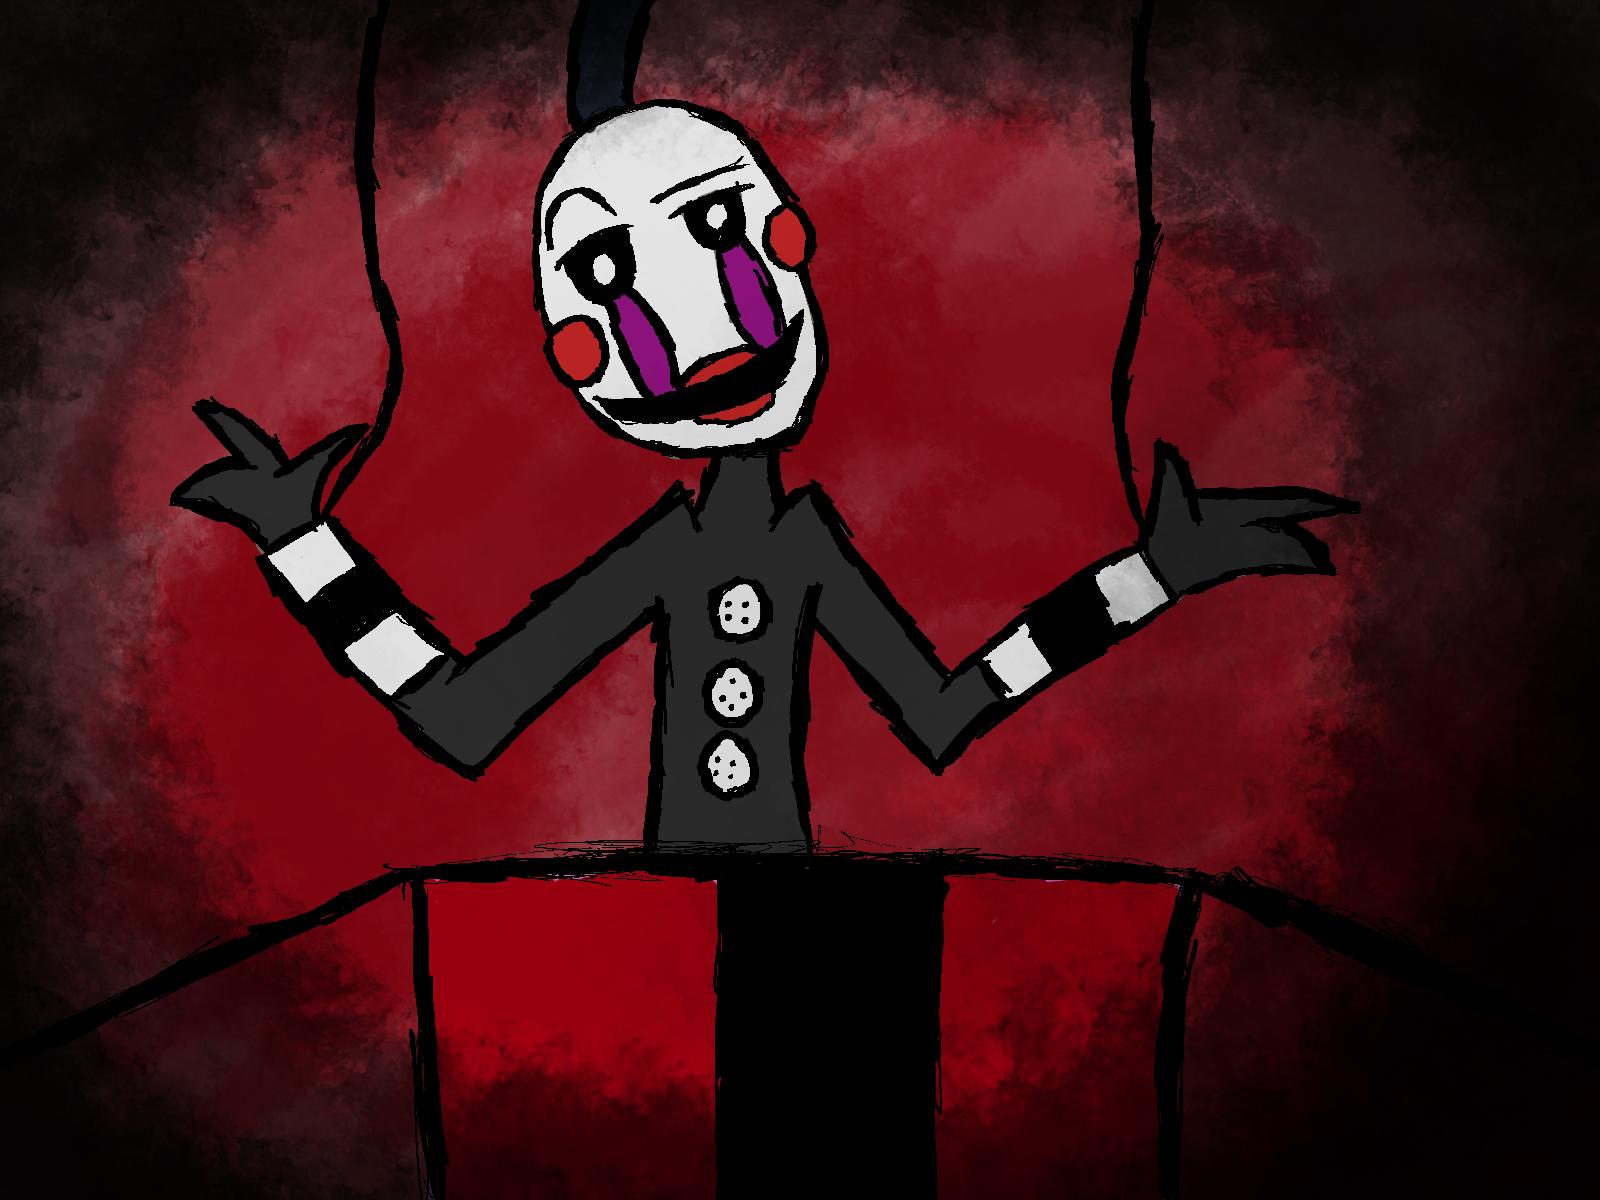 Marionette fnaf 2 by clamsaltthe3d on deviantart